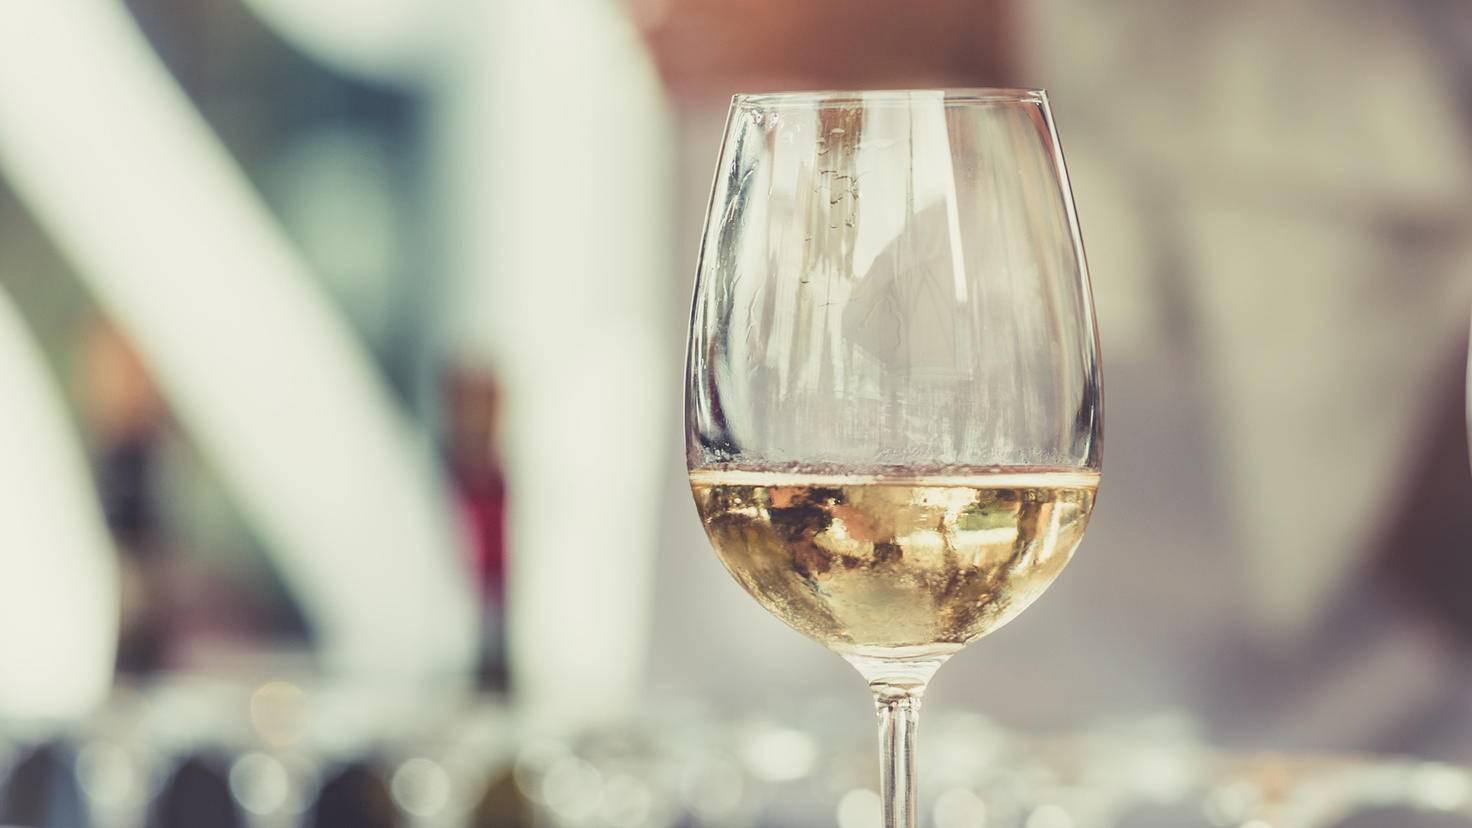 Wein mit Wein bekämpfen: Weißwein sorgt zumindest für hellere Flecken.